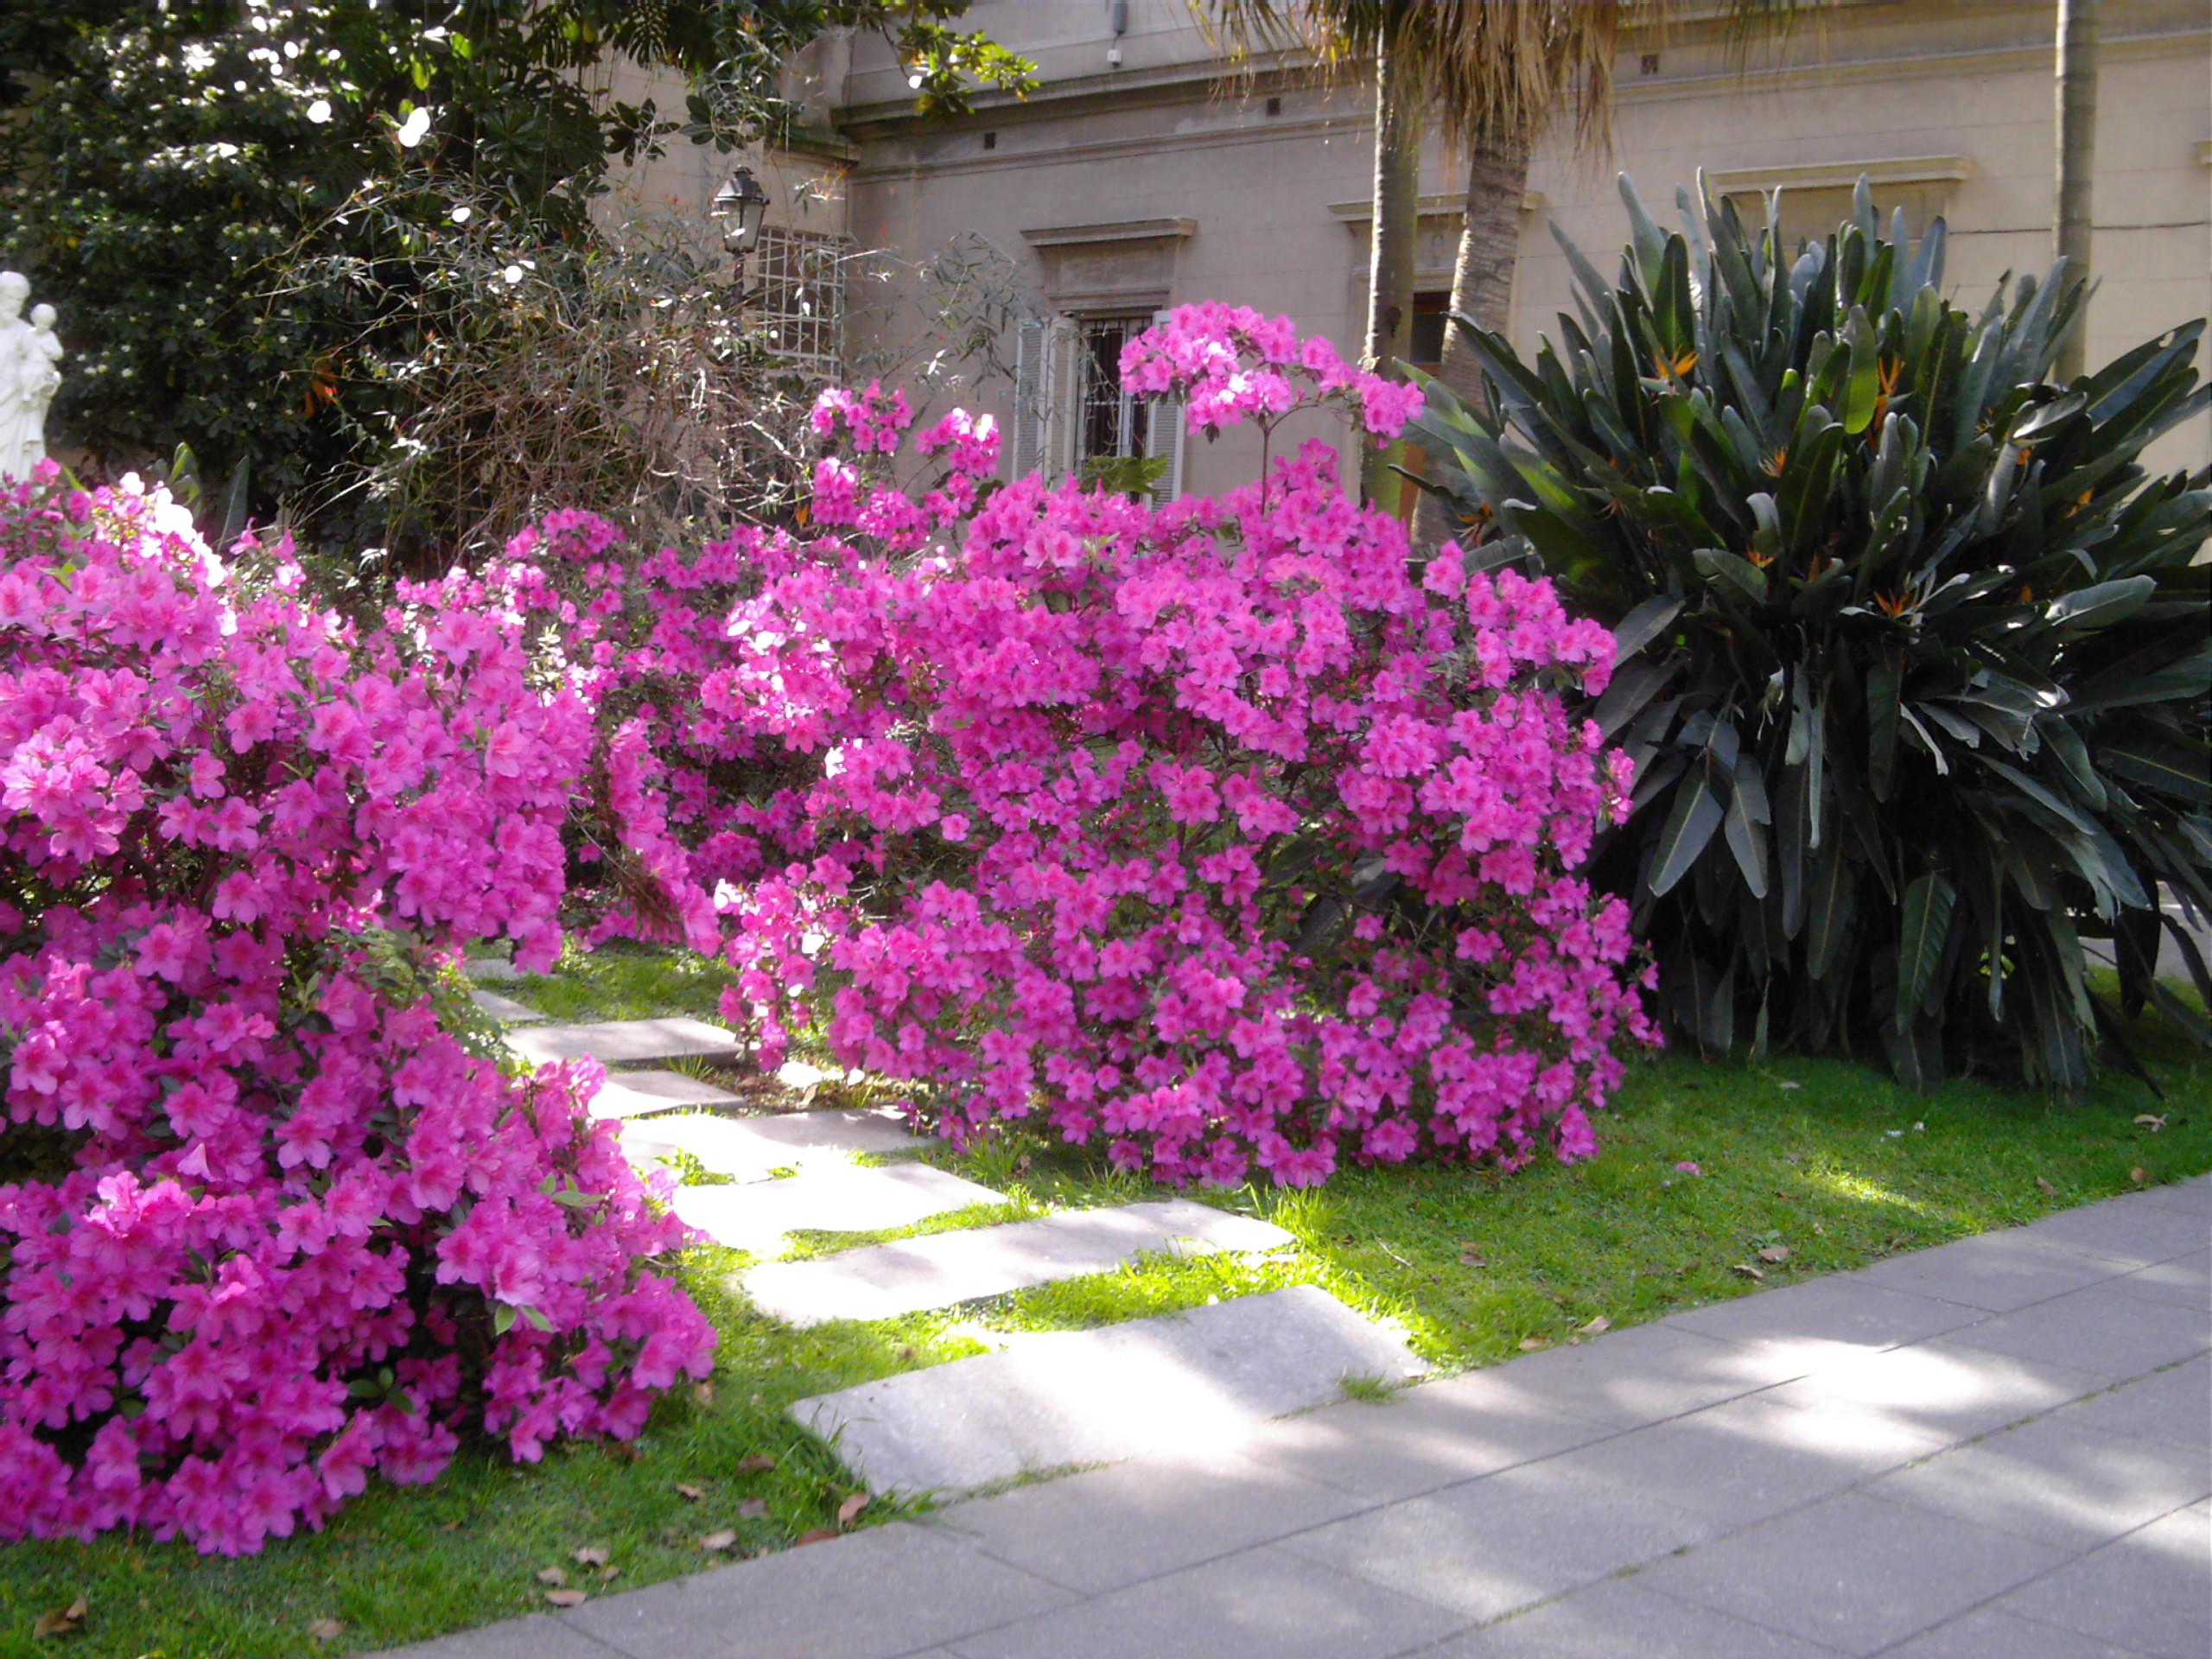 Fichas de plantas ornamentales for Arbustos ornamentales